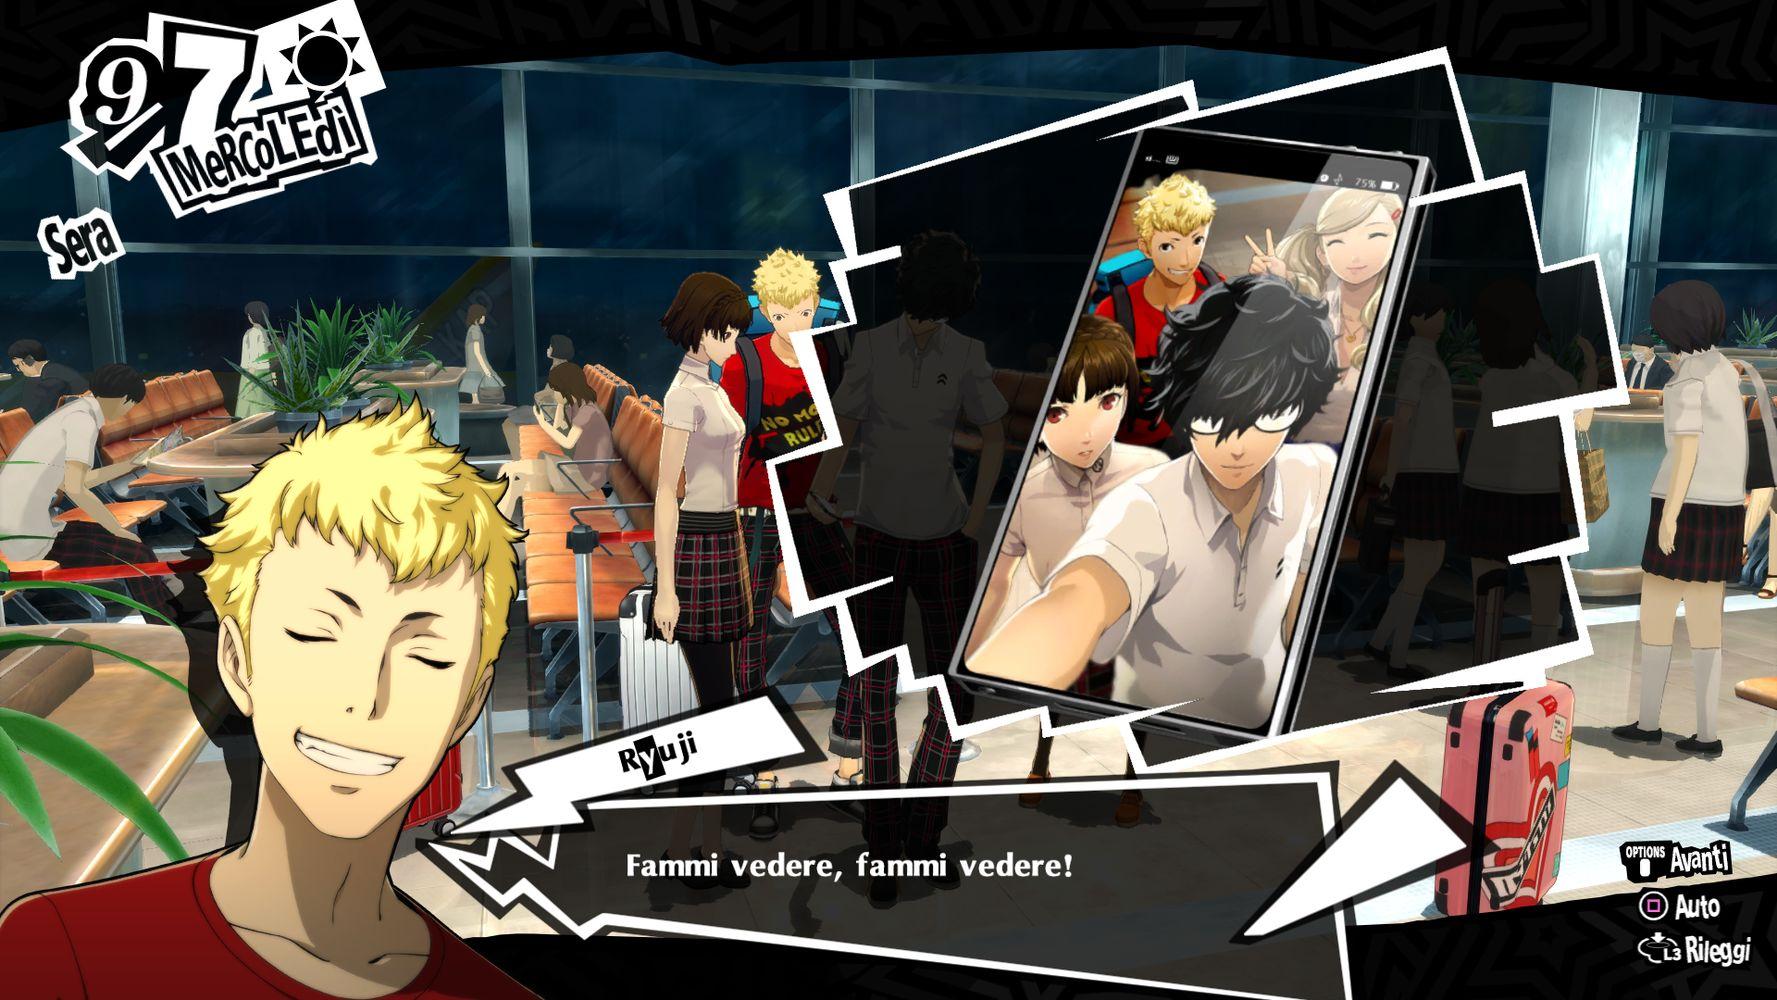 Ryuji, Persona 5 Royal